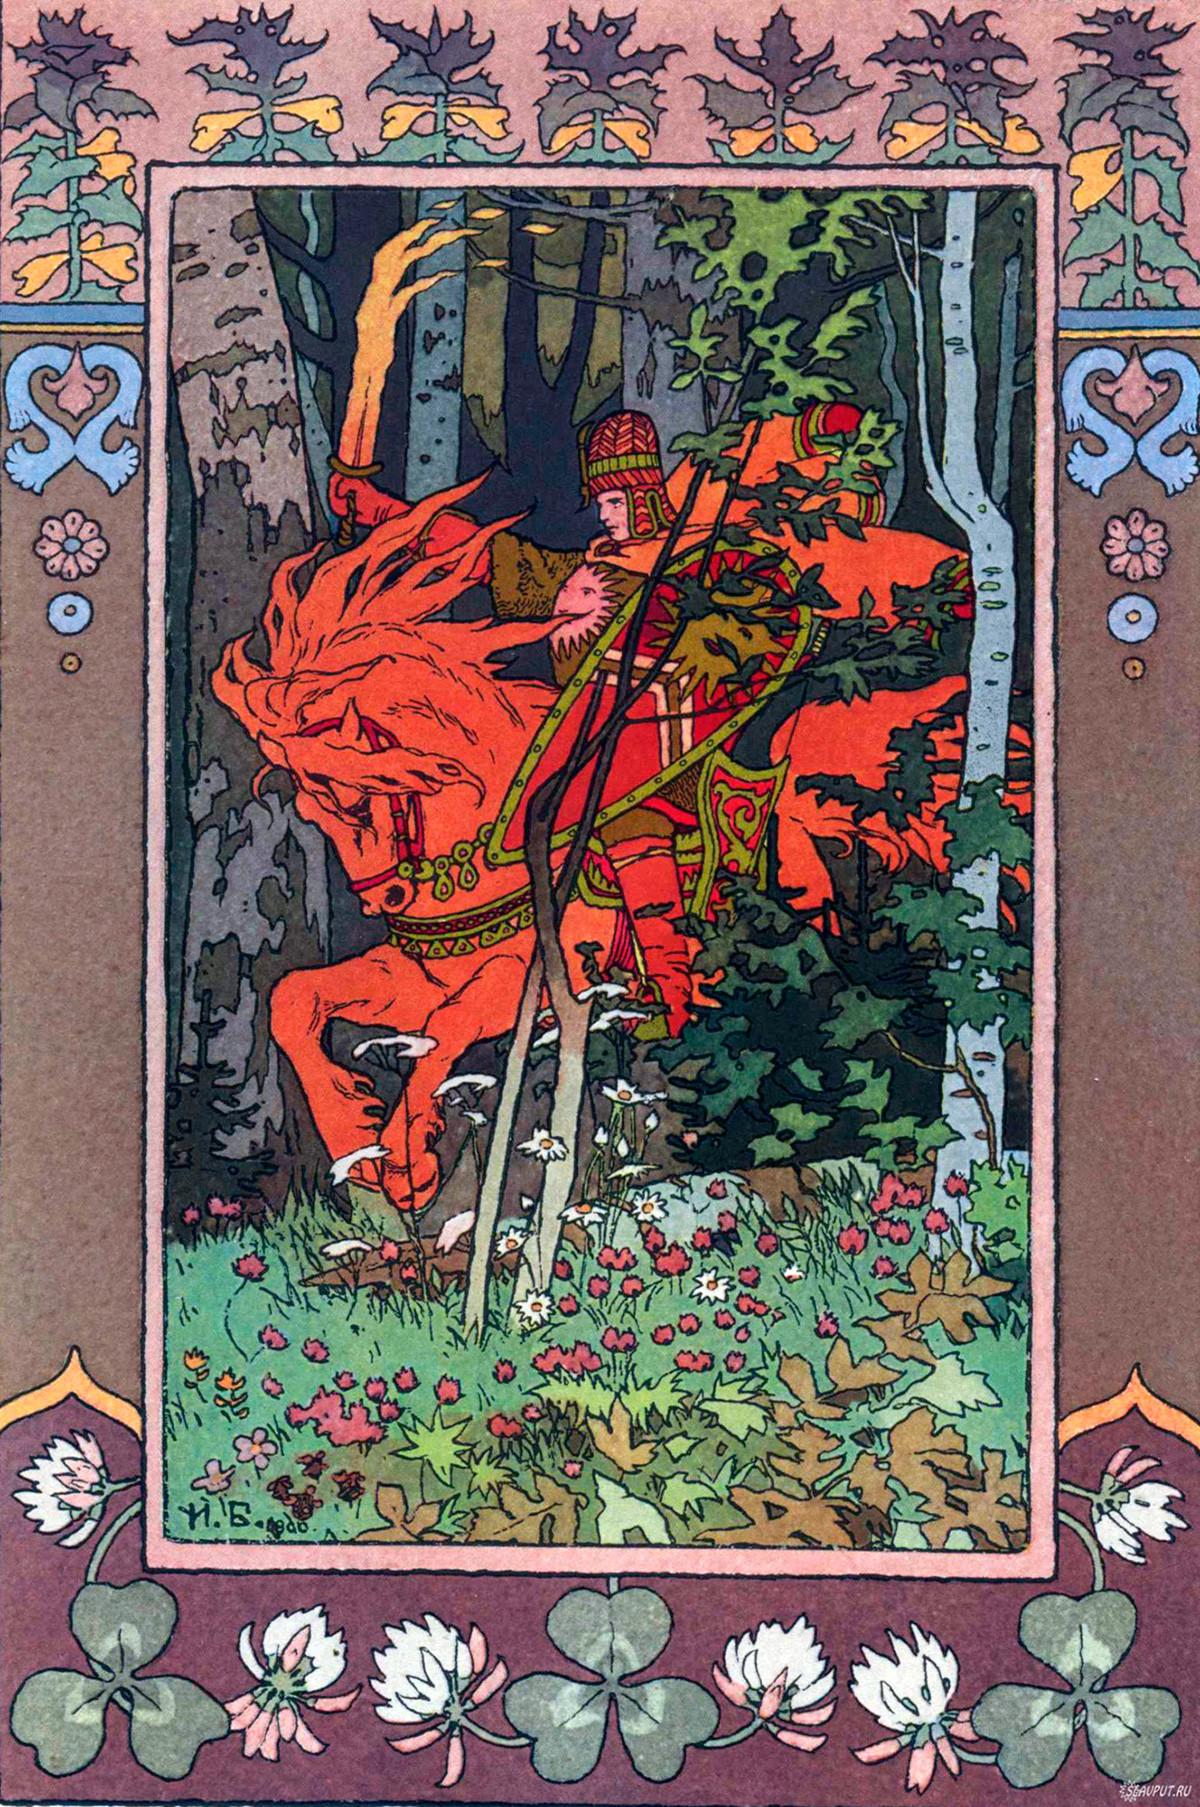 イワン・ビリービンが描いた「うるわしのワシリーサ」という本の挿絵